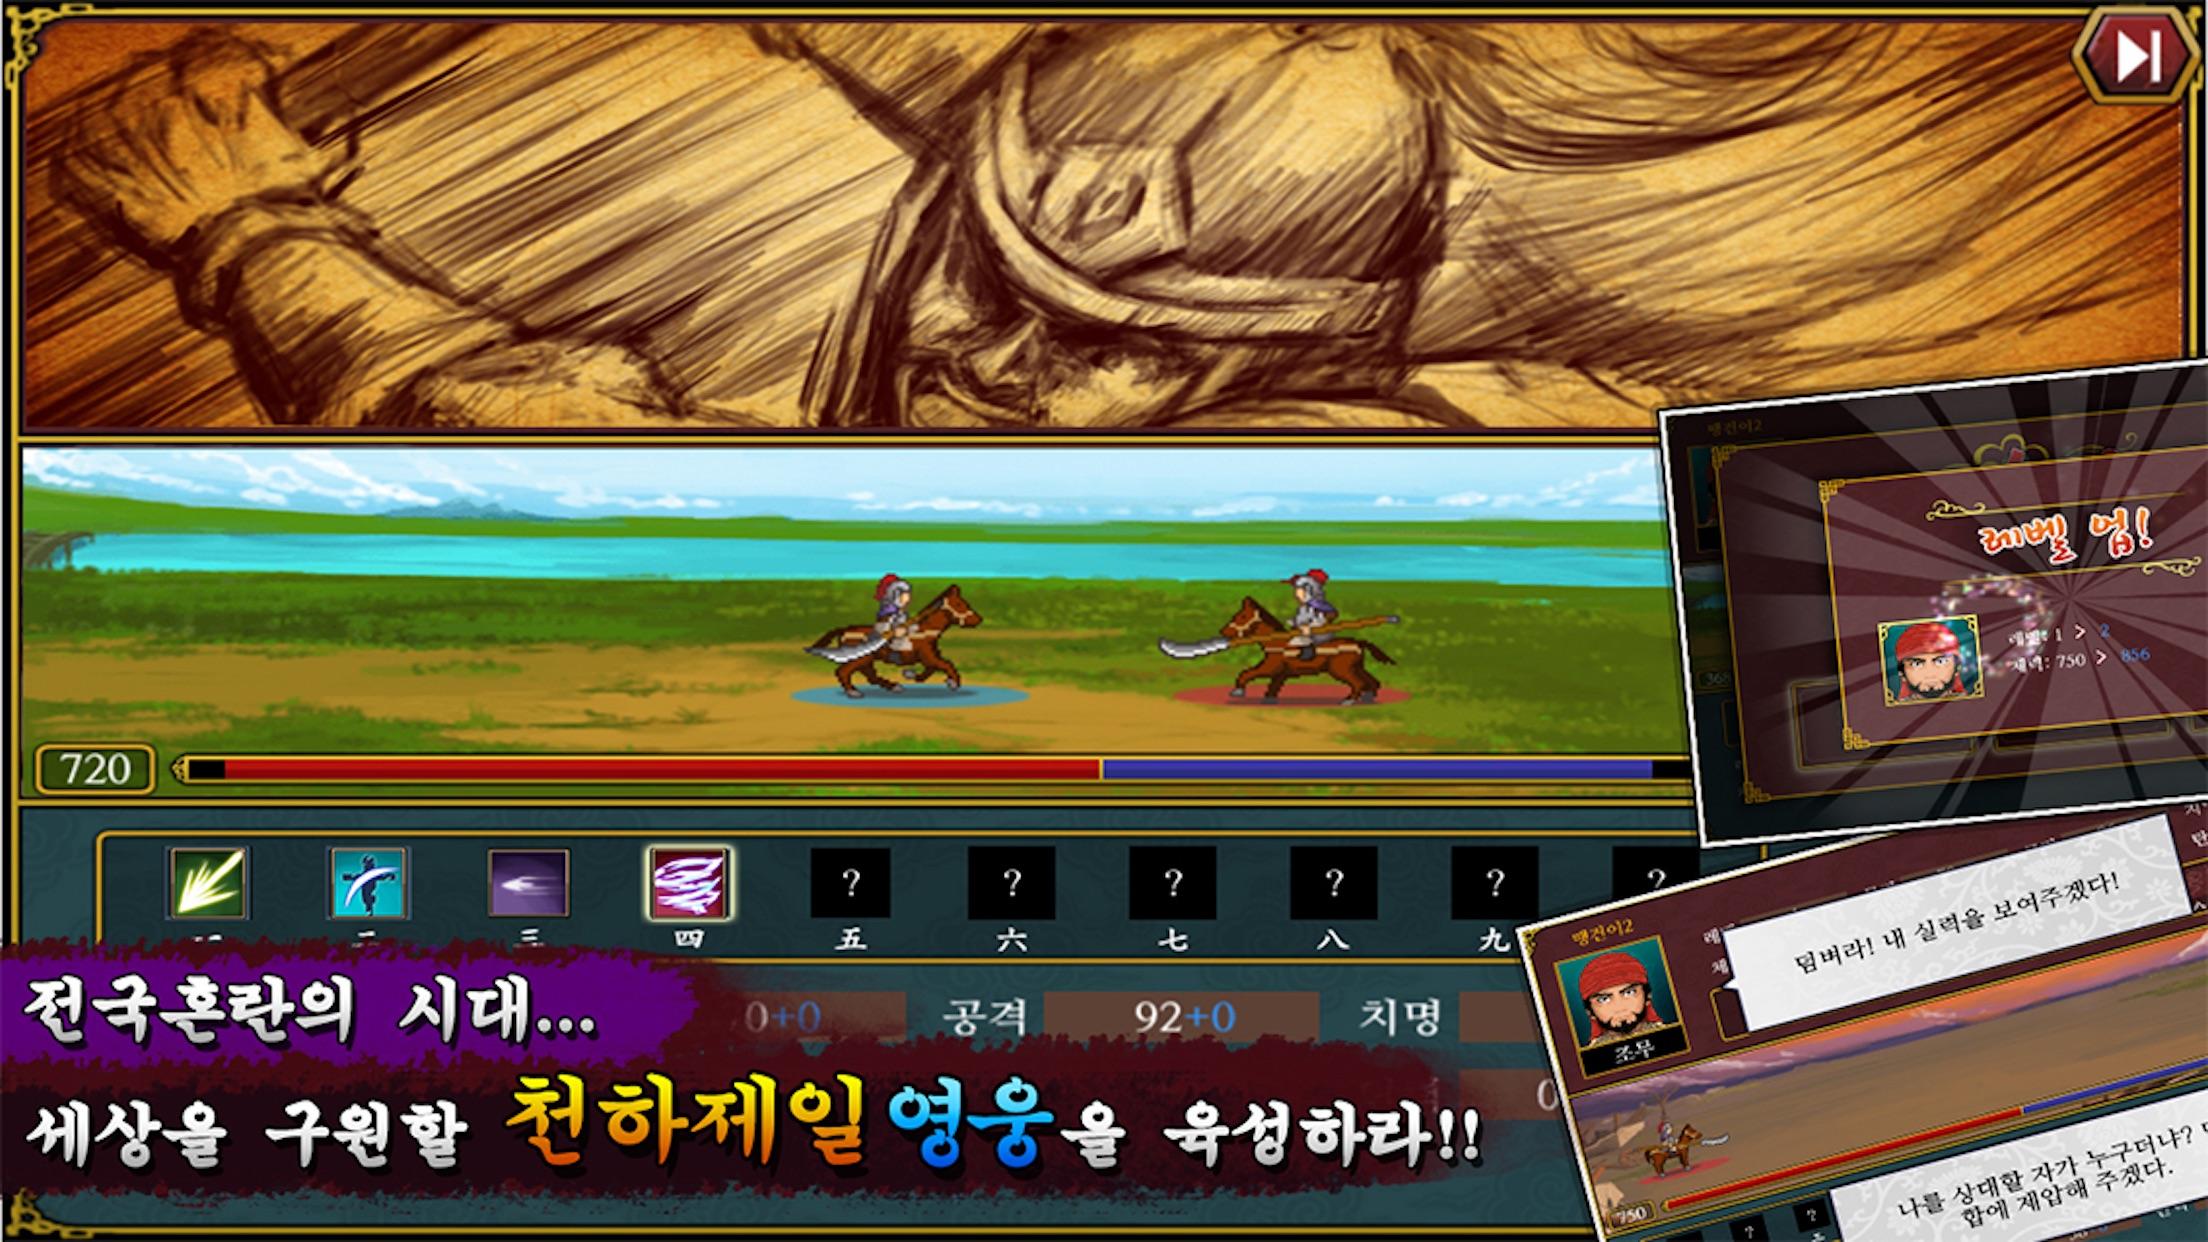 삼국지책략전 - 三國志 Screenshot